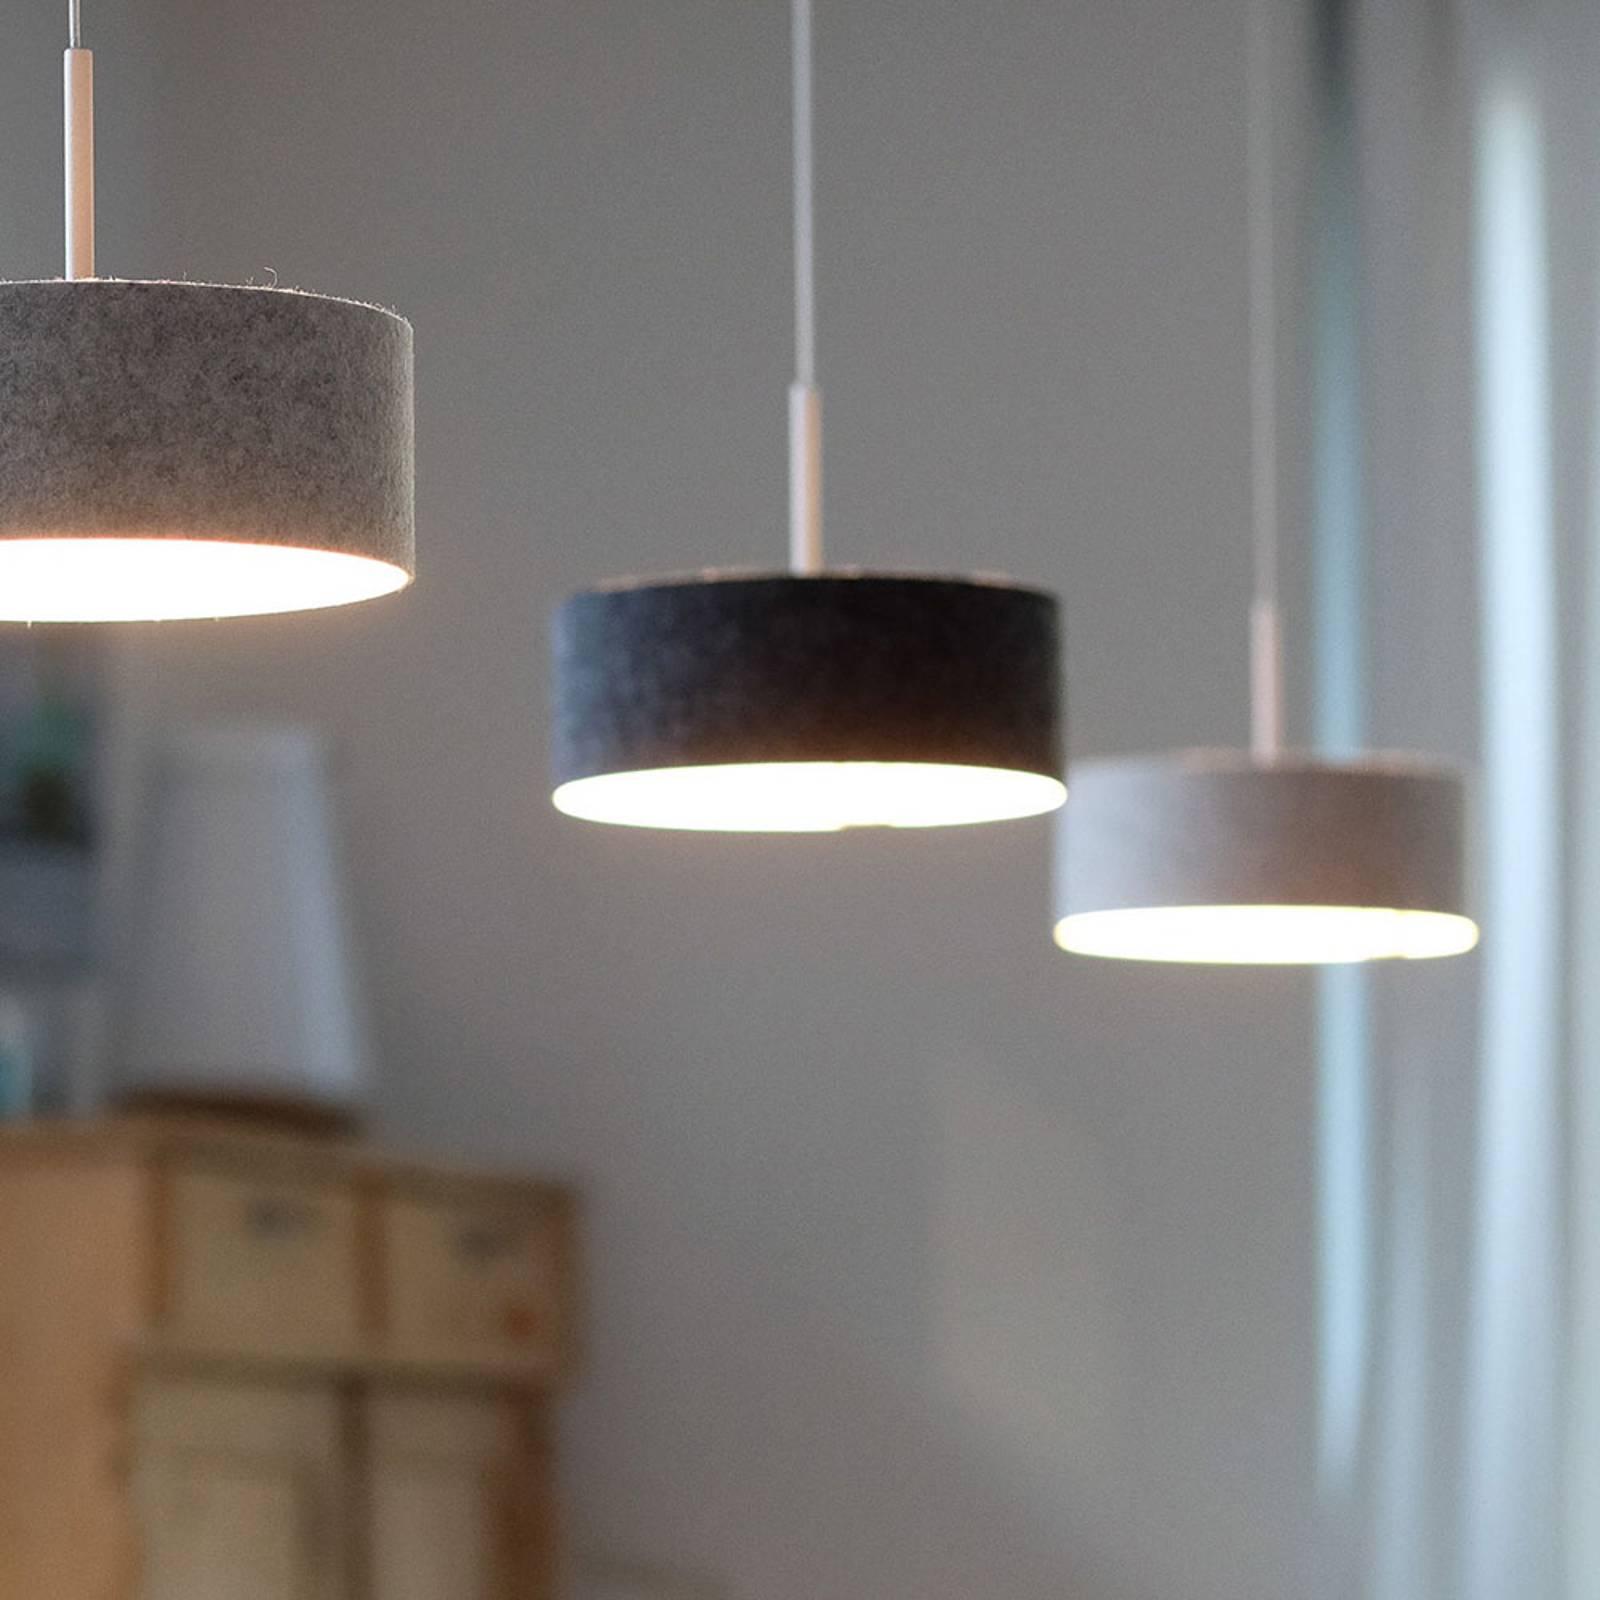 LED-riippuvalaisin LARAfelt S, Ø 20 cm, grafiitti